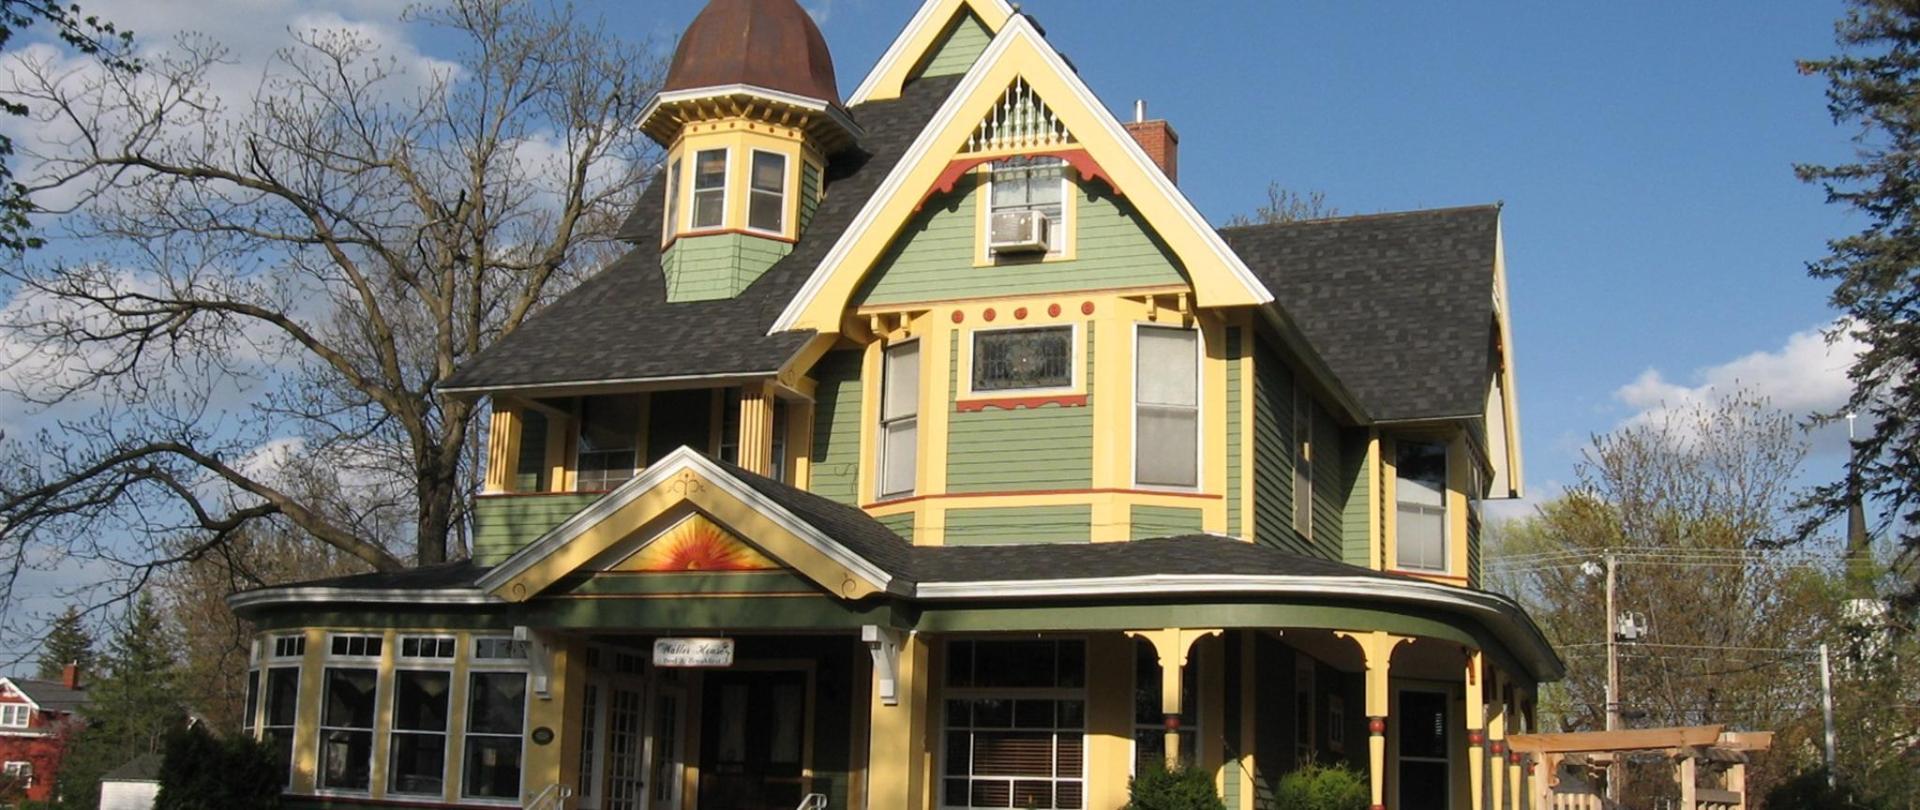 Waller House Inn